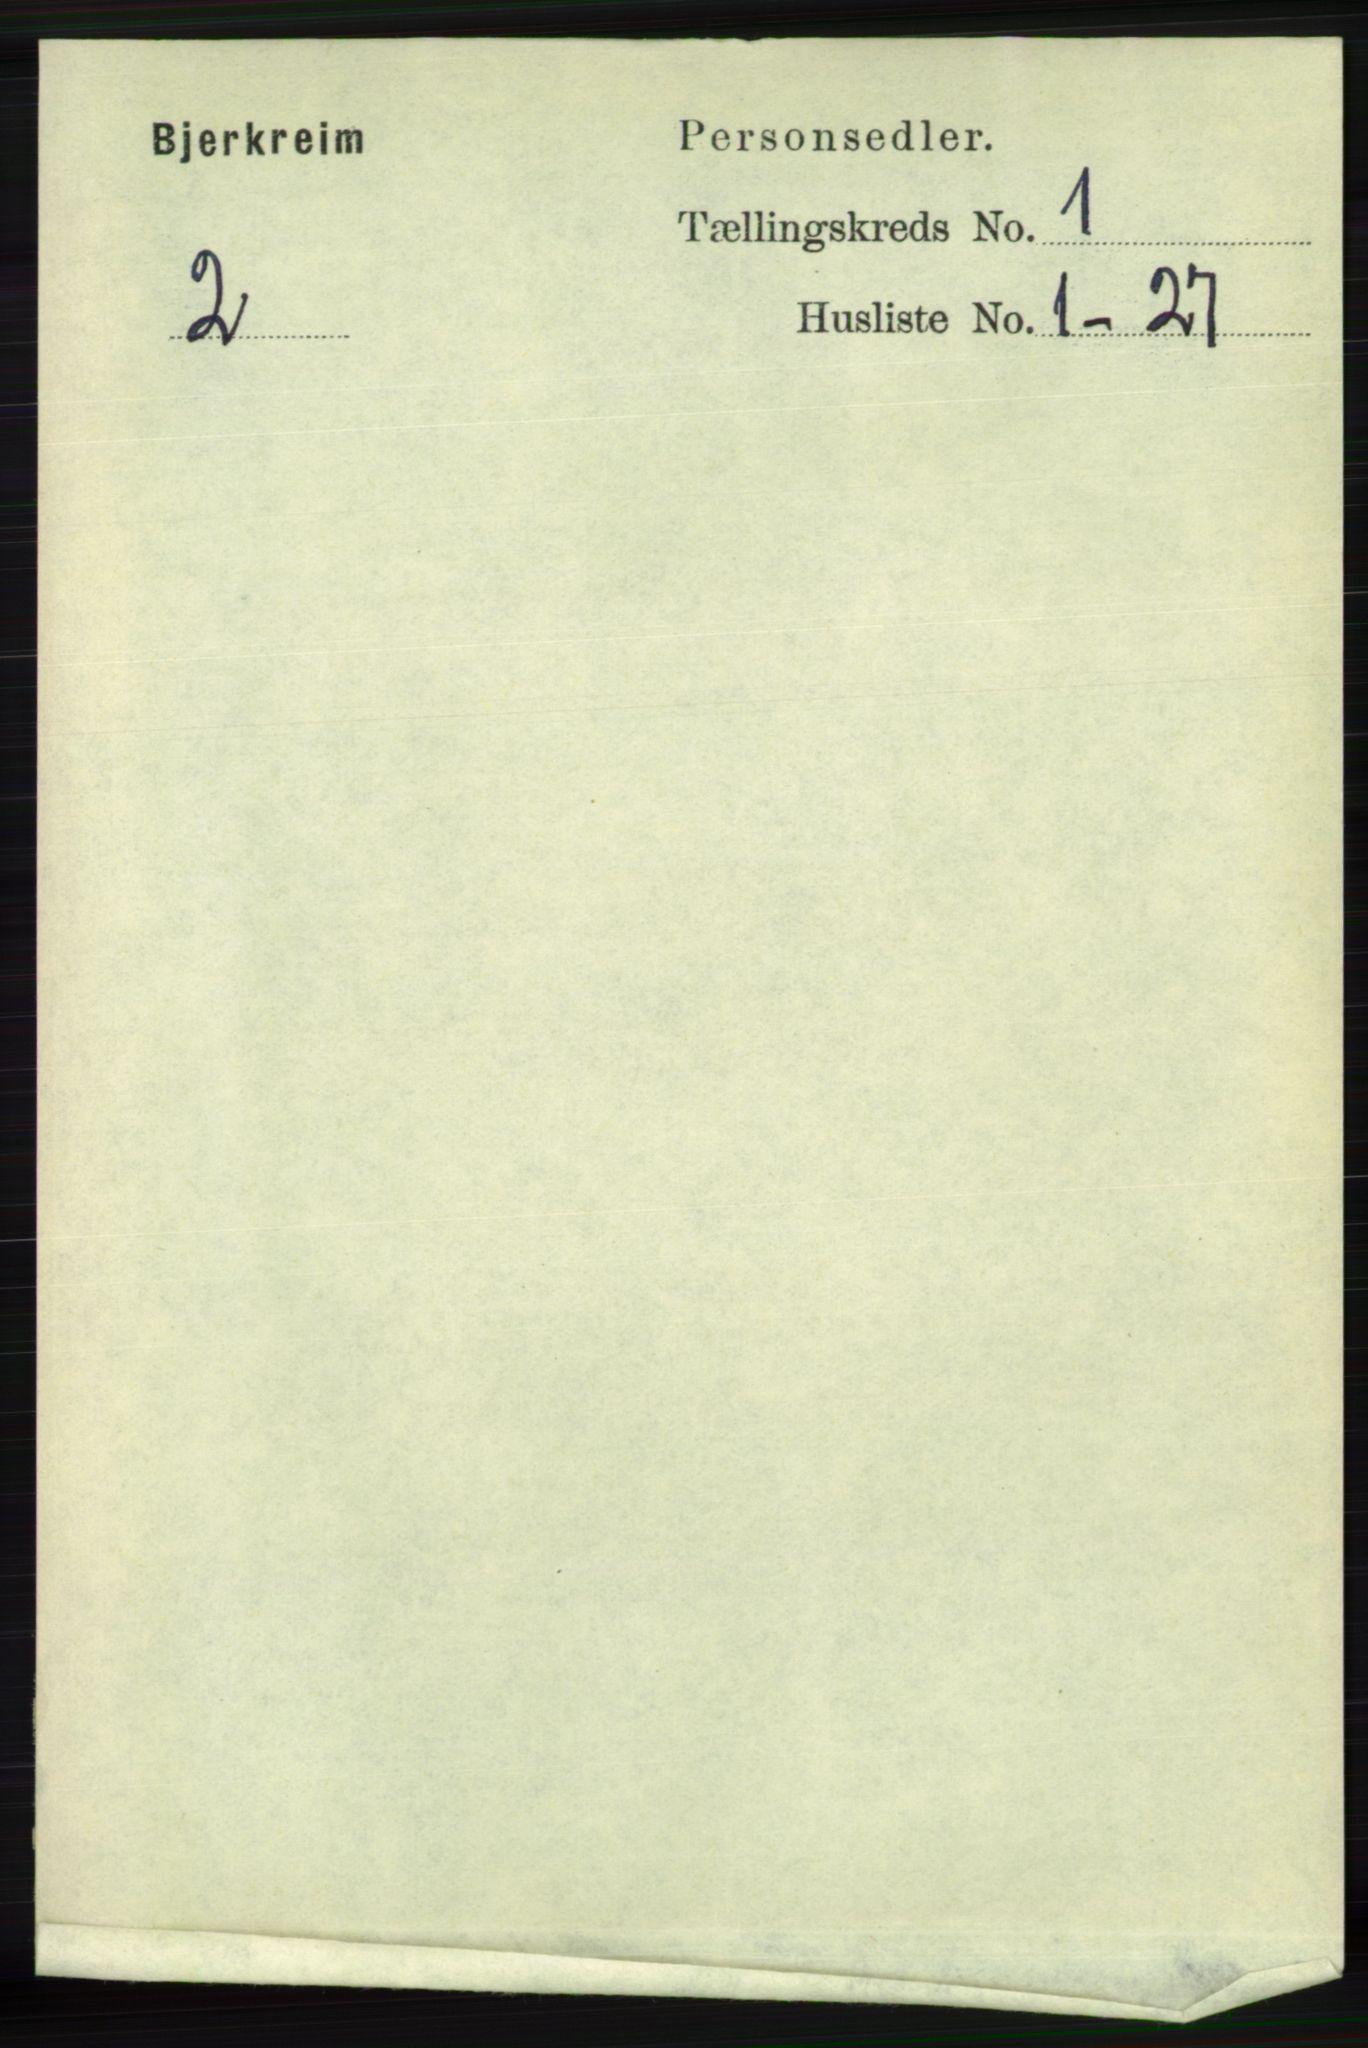 RA, Folketelling 1891 for 1114 Bjerkreim herred, 1891, s. 94